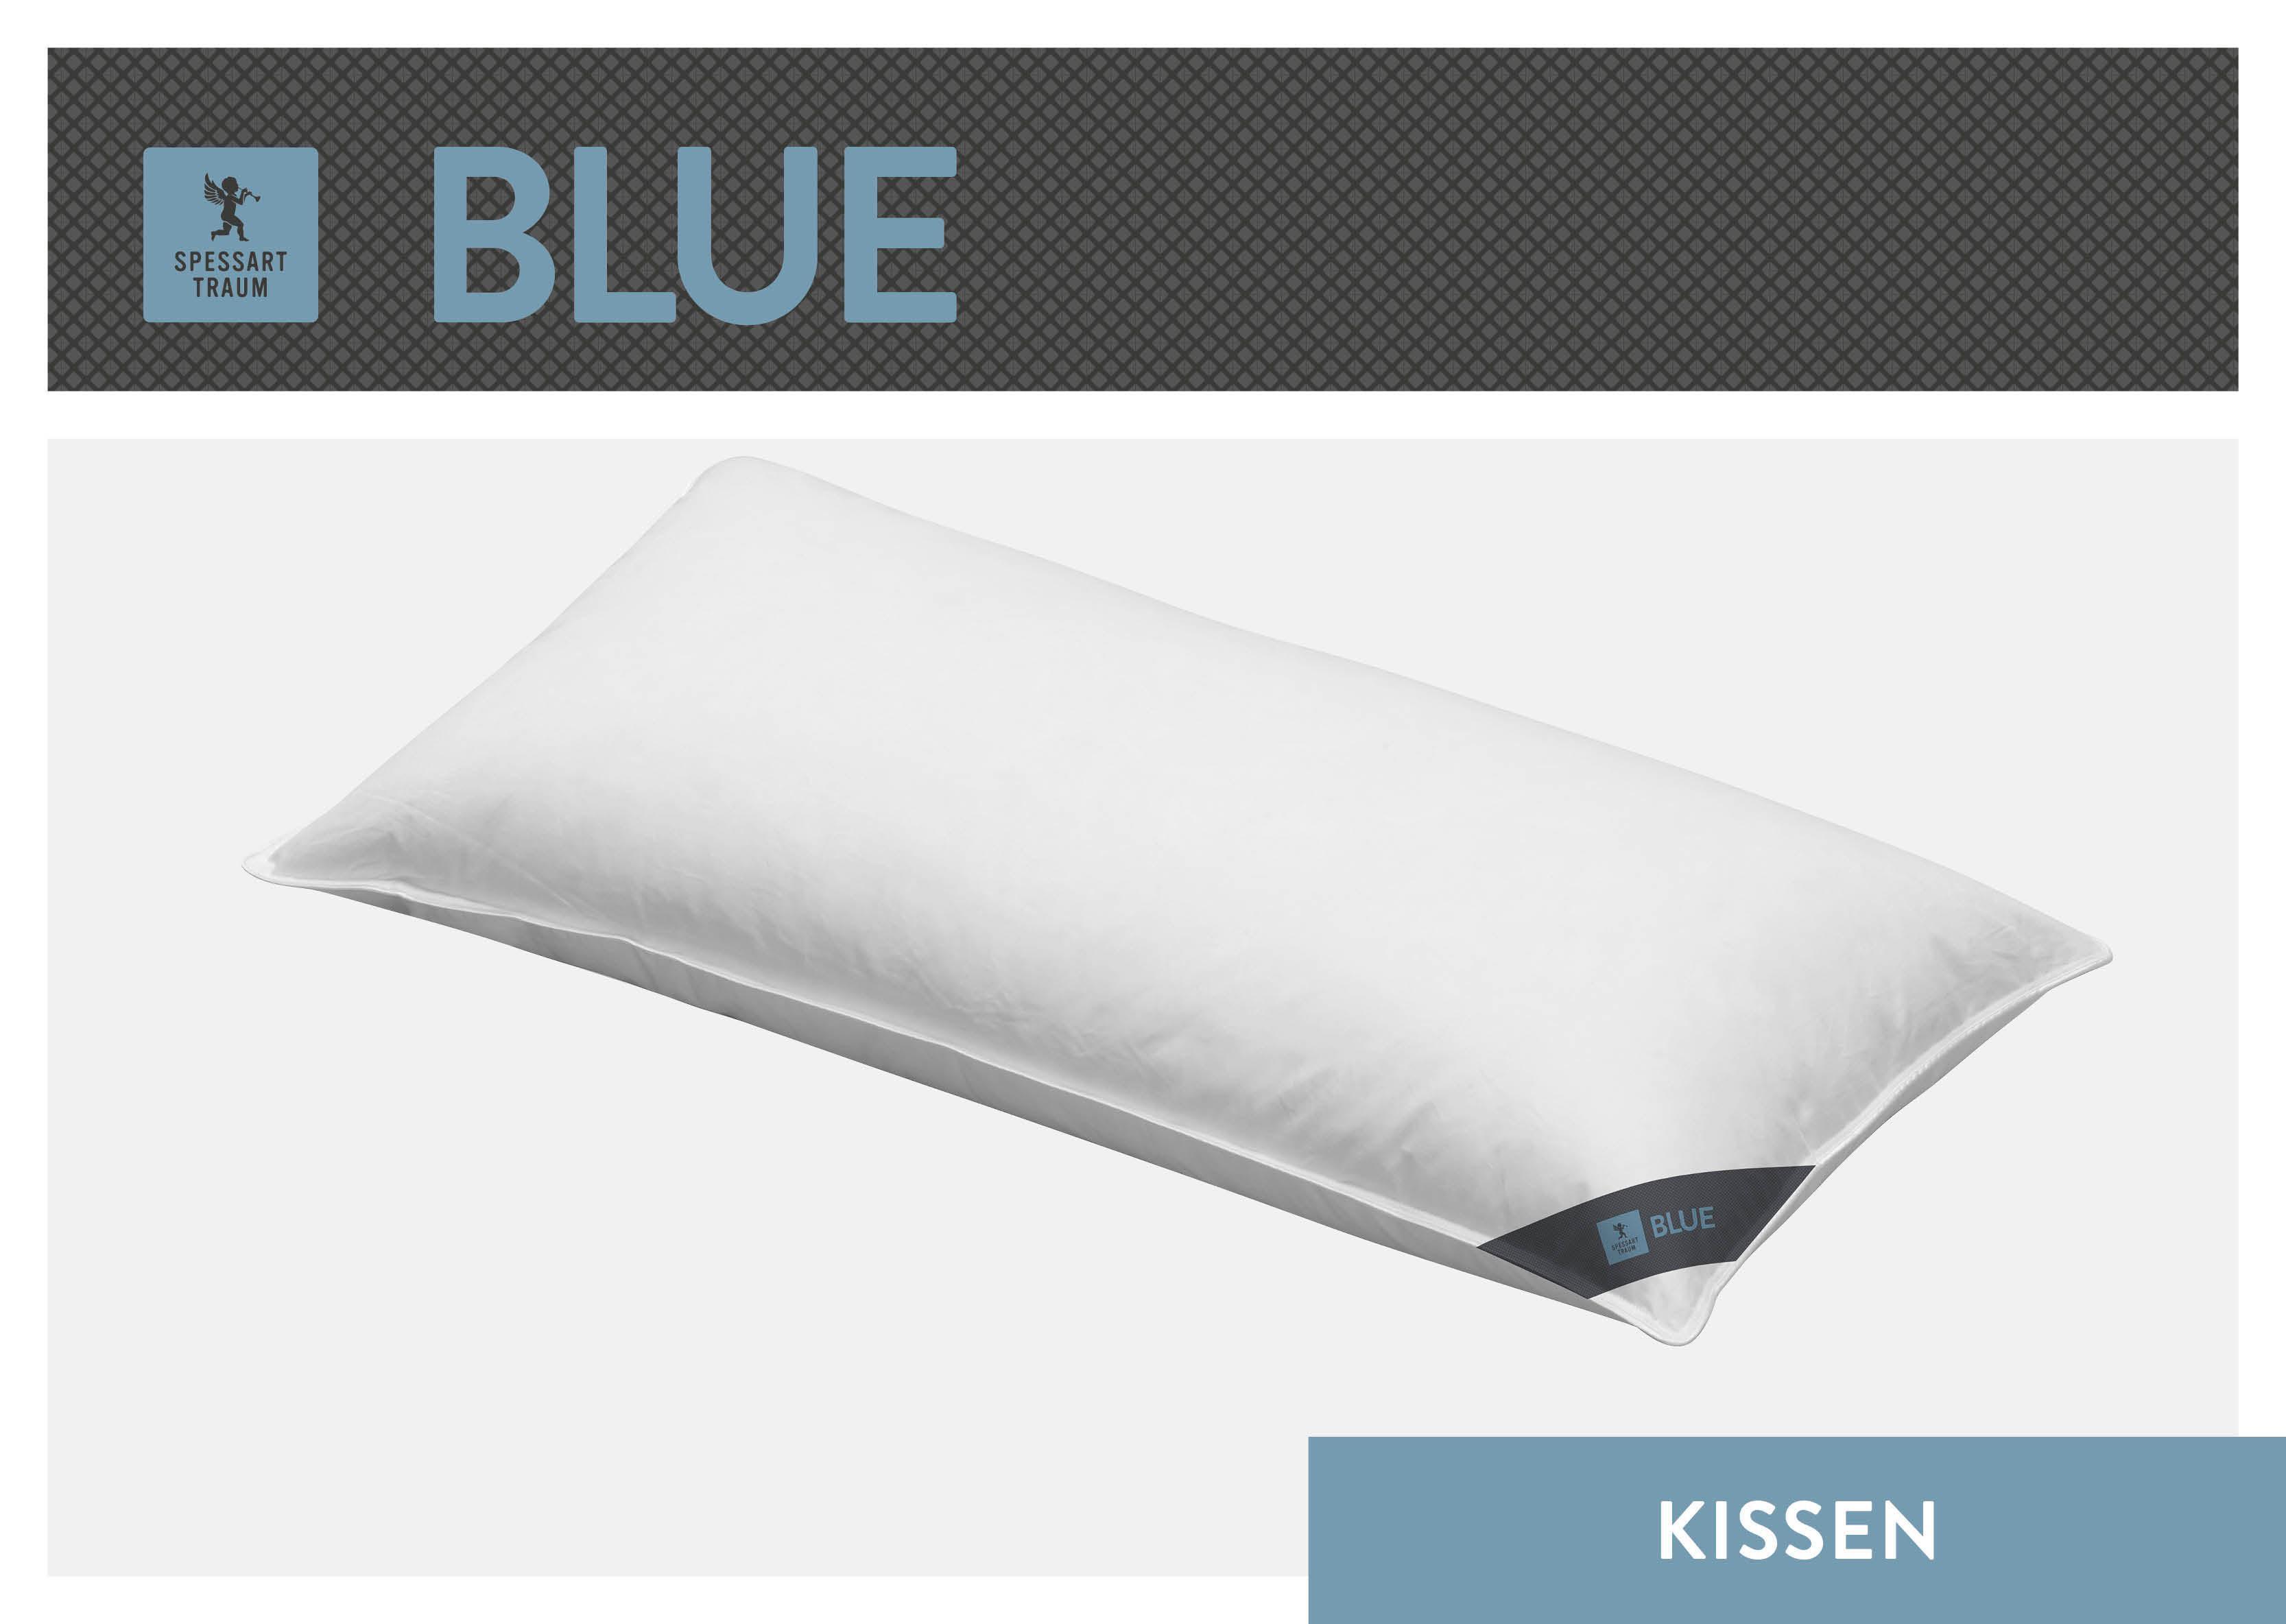 3-Kammer-Kopfkissen Blue SPESSARTTRAUM Füllung: Außen: 60% Daunen40% Federn; Innen: 100% Federn Bezug: 100% Baumwolle